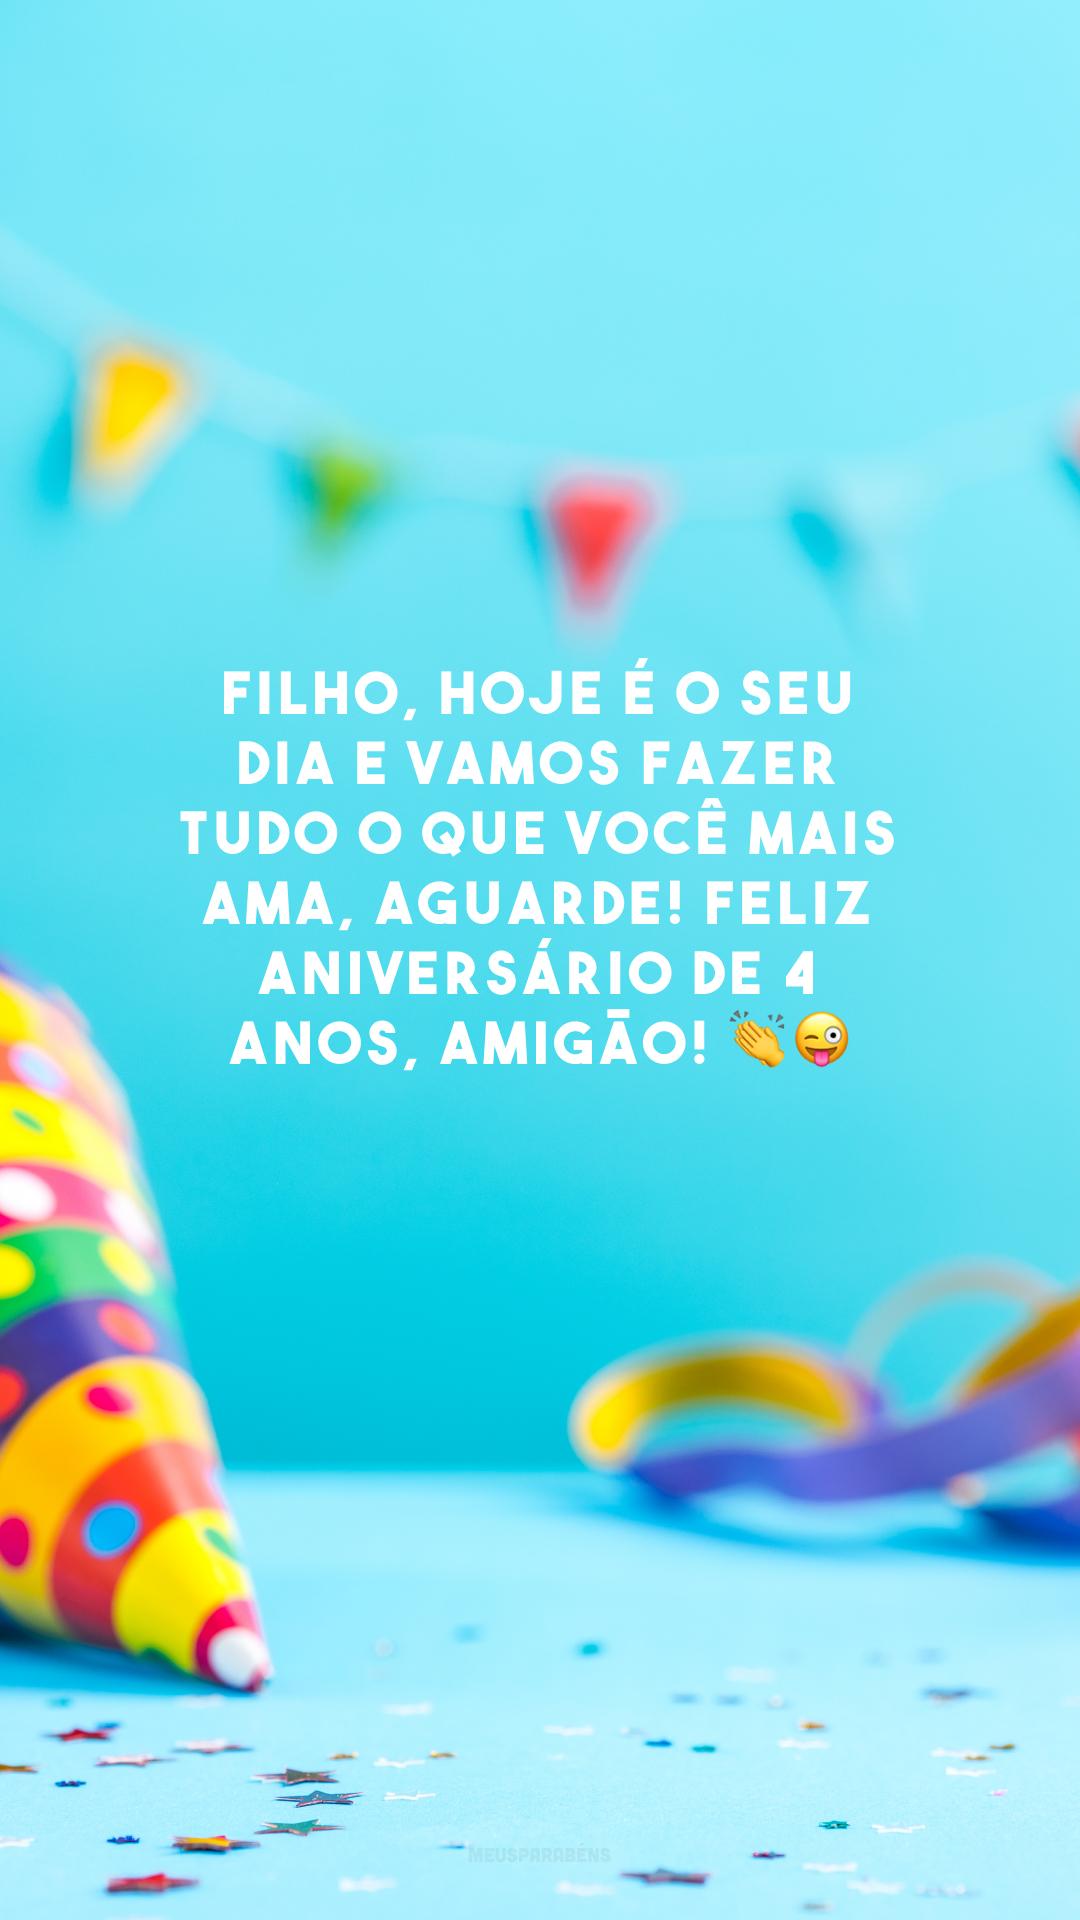 Filho, hoje é o seu dia e vamos fazer tudo o que você mais ama, aguarde! Feliz aniversário de 4 anos, amigão! 👏😜